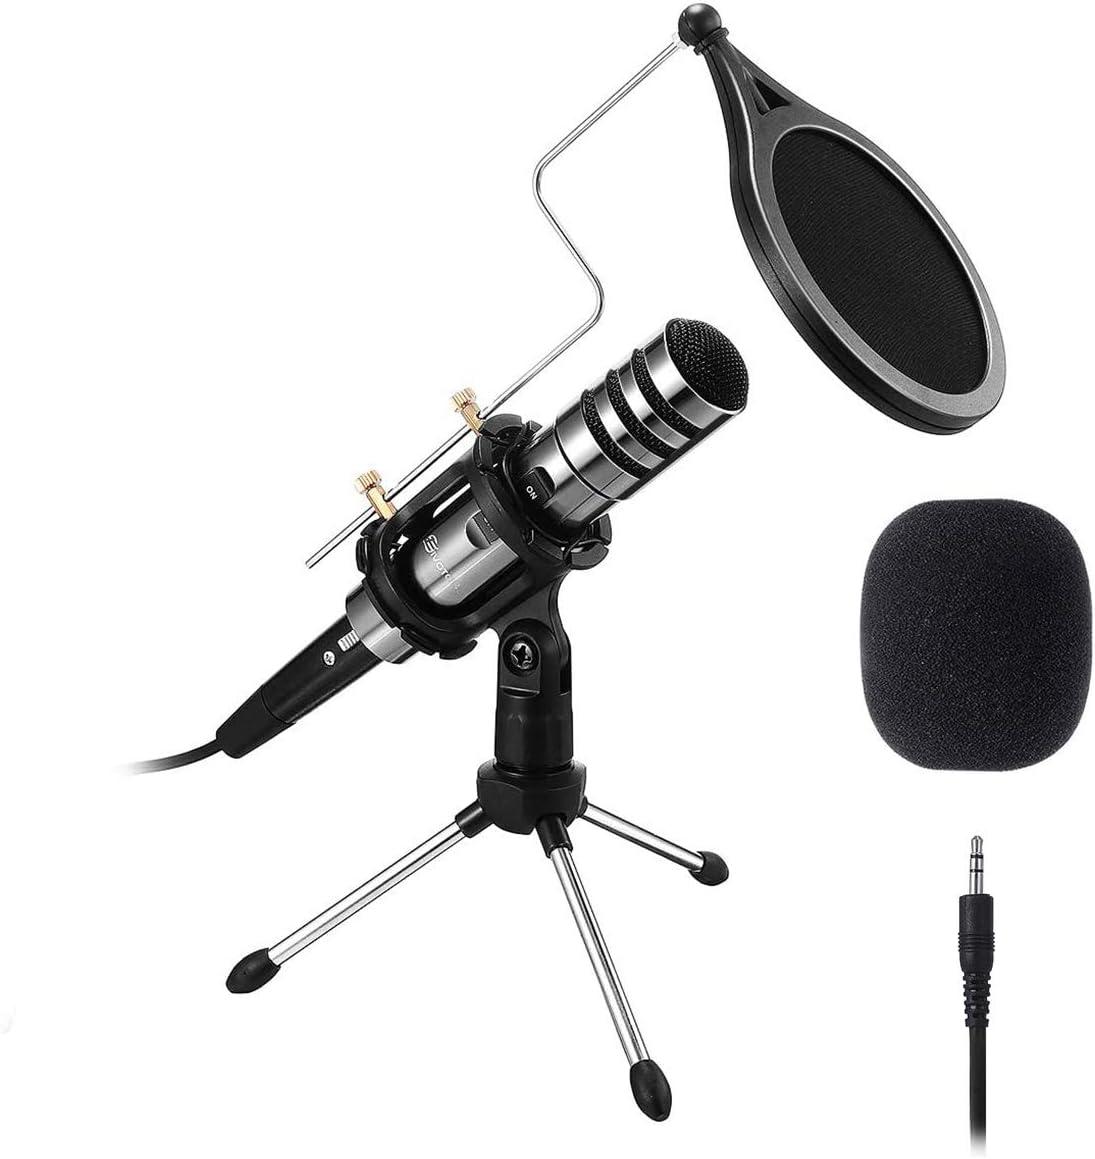 EIVOTOR PC Micrófono, Micrófono de Condensador con Conector de Audio de 3.5 mm, Plug and Play, Adecuado para Computadoras Portátiles, Teléfonos, Canto, Youtube (Negro)